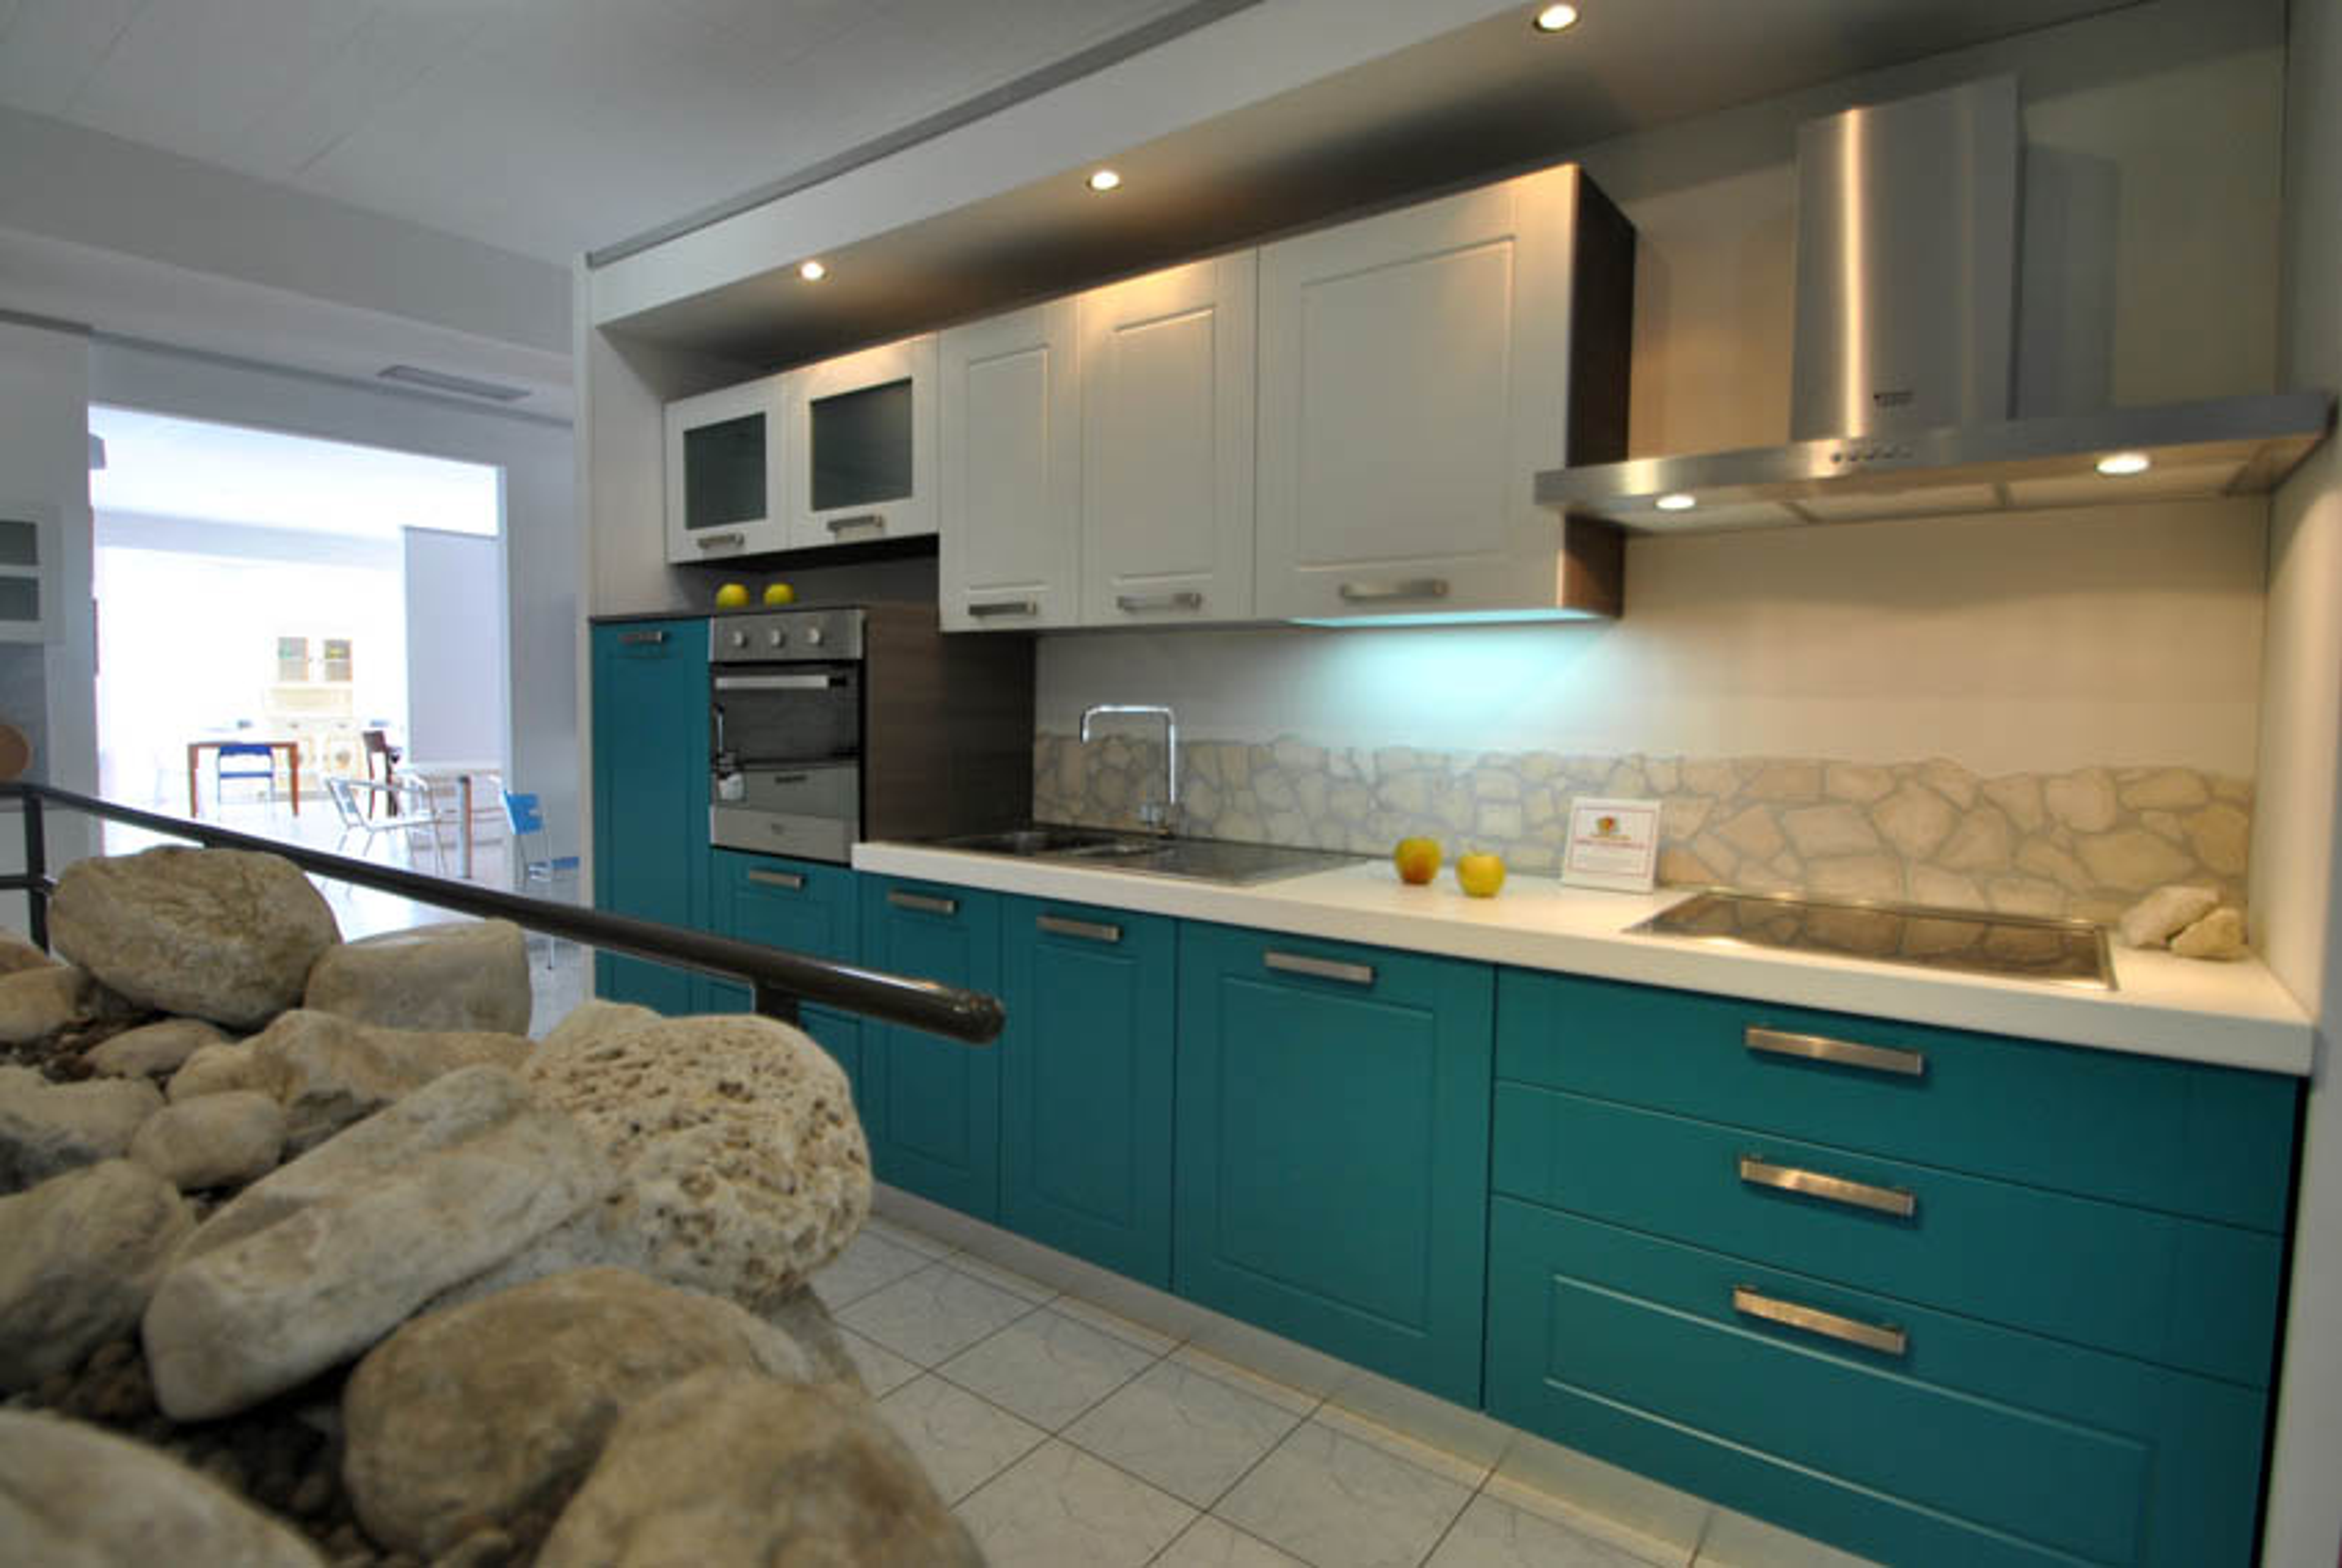 Cucine mobili affordable cucine classiche claudia with cucine mobili great ged cucine mobili - Mobili cucina su misura ...